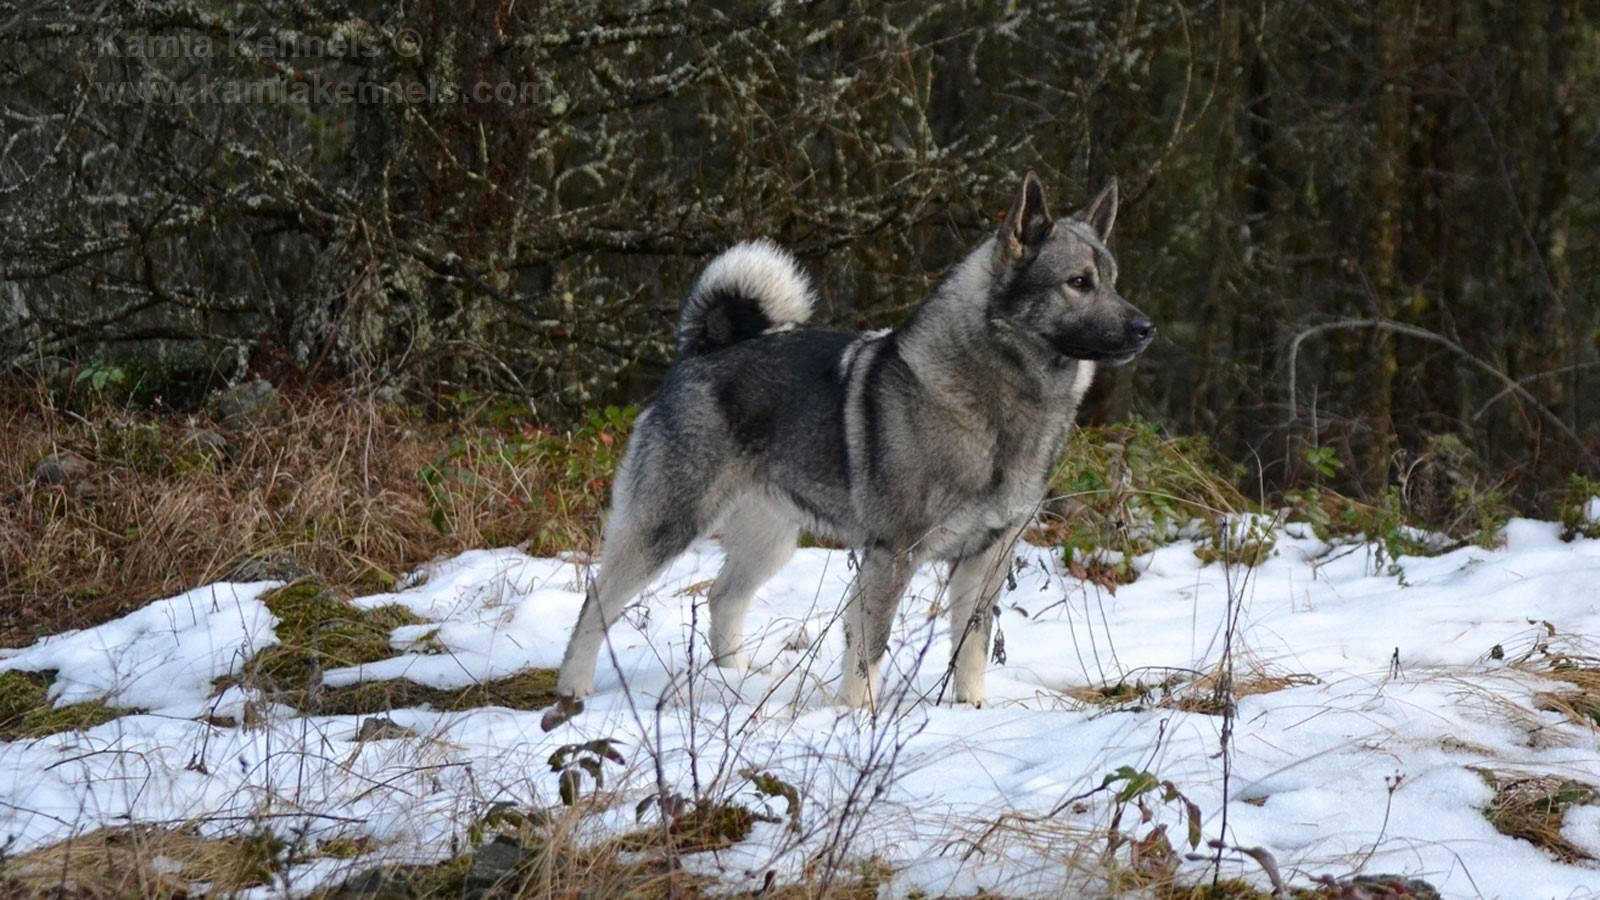 Норвежский элкхаунд. фото и описание породы норвежский элкхаунд. фото и описание породы